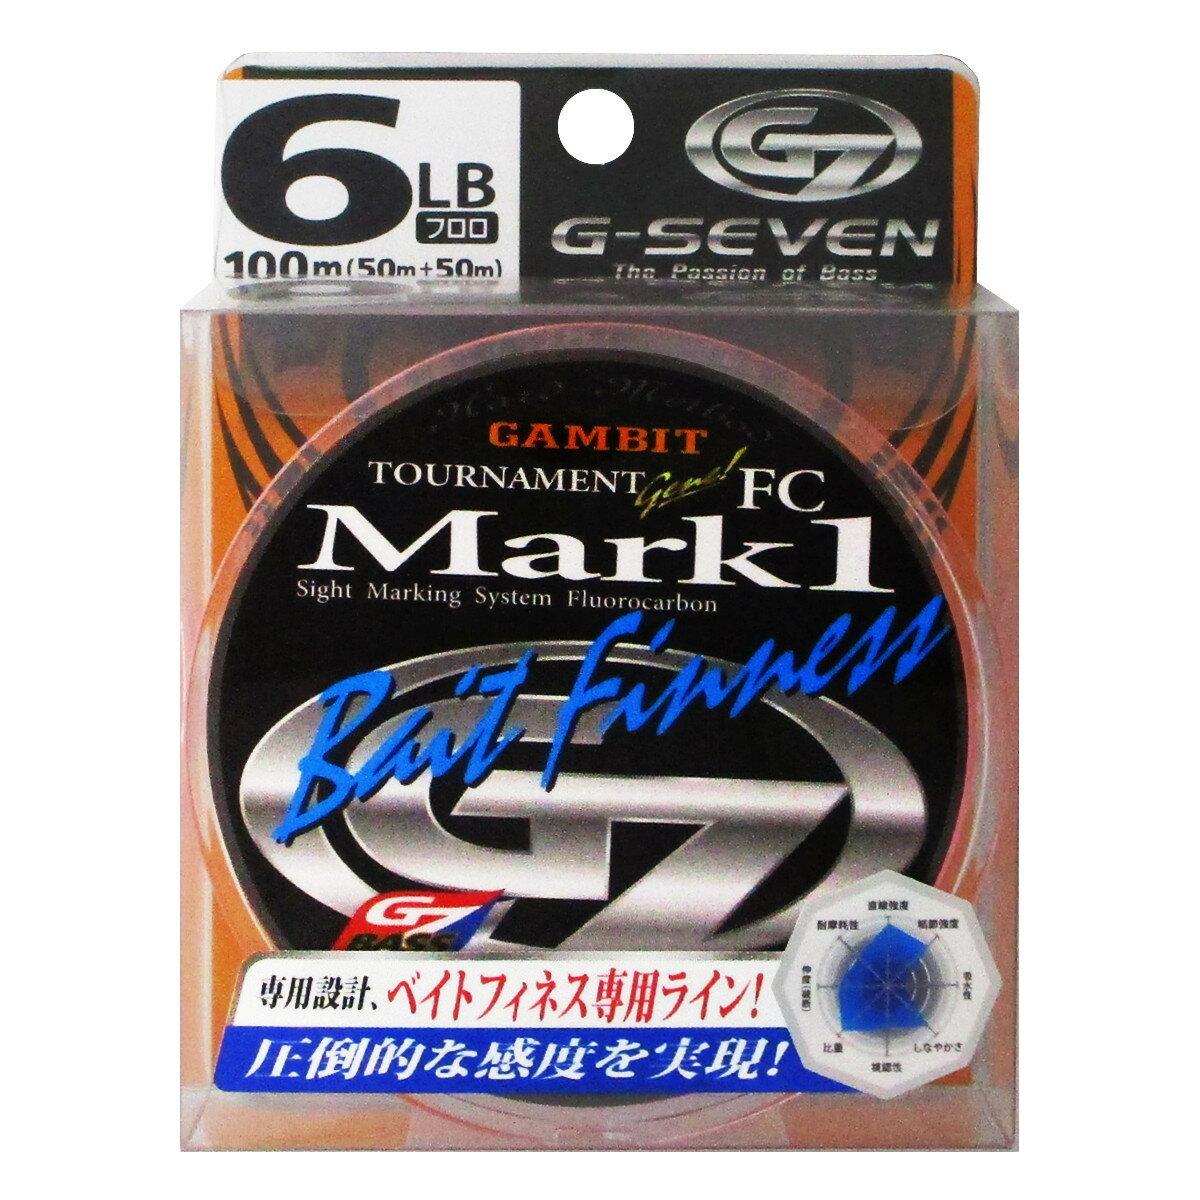 ラインシステム G7 トーナメントジーン MARK1 ベイトフィネス G3106C 100m 6lb(東日本店)